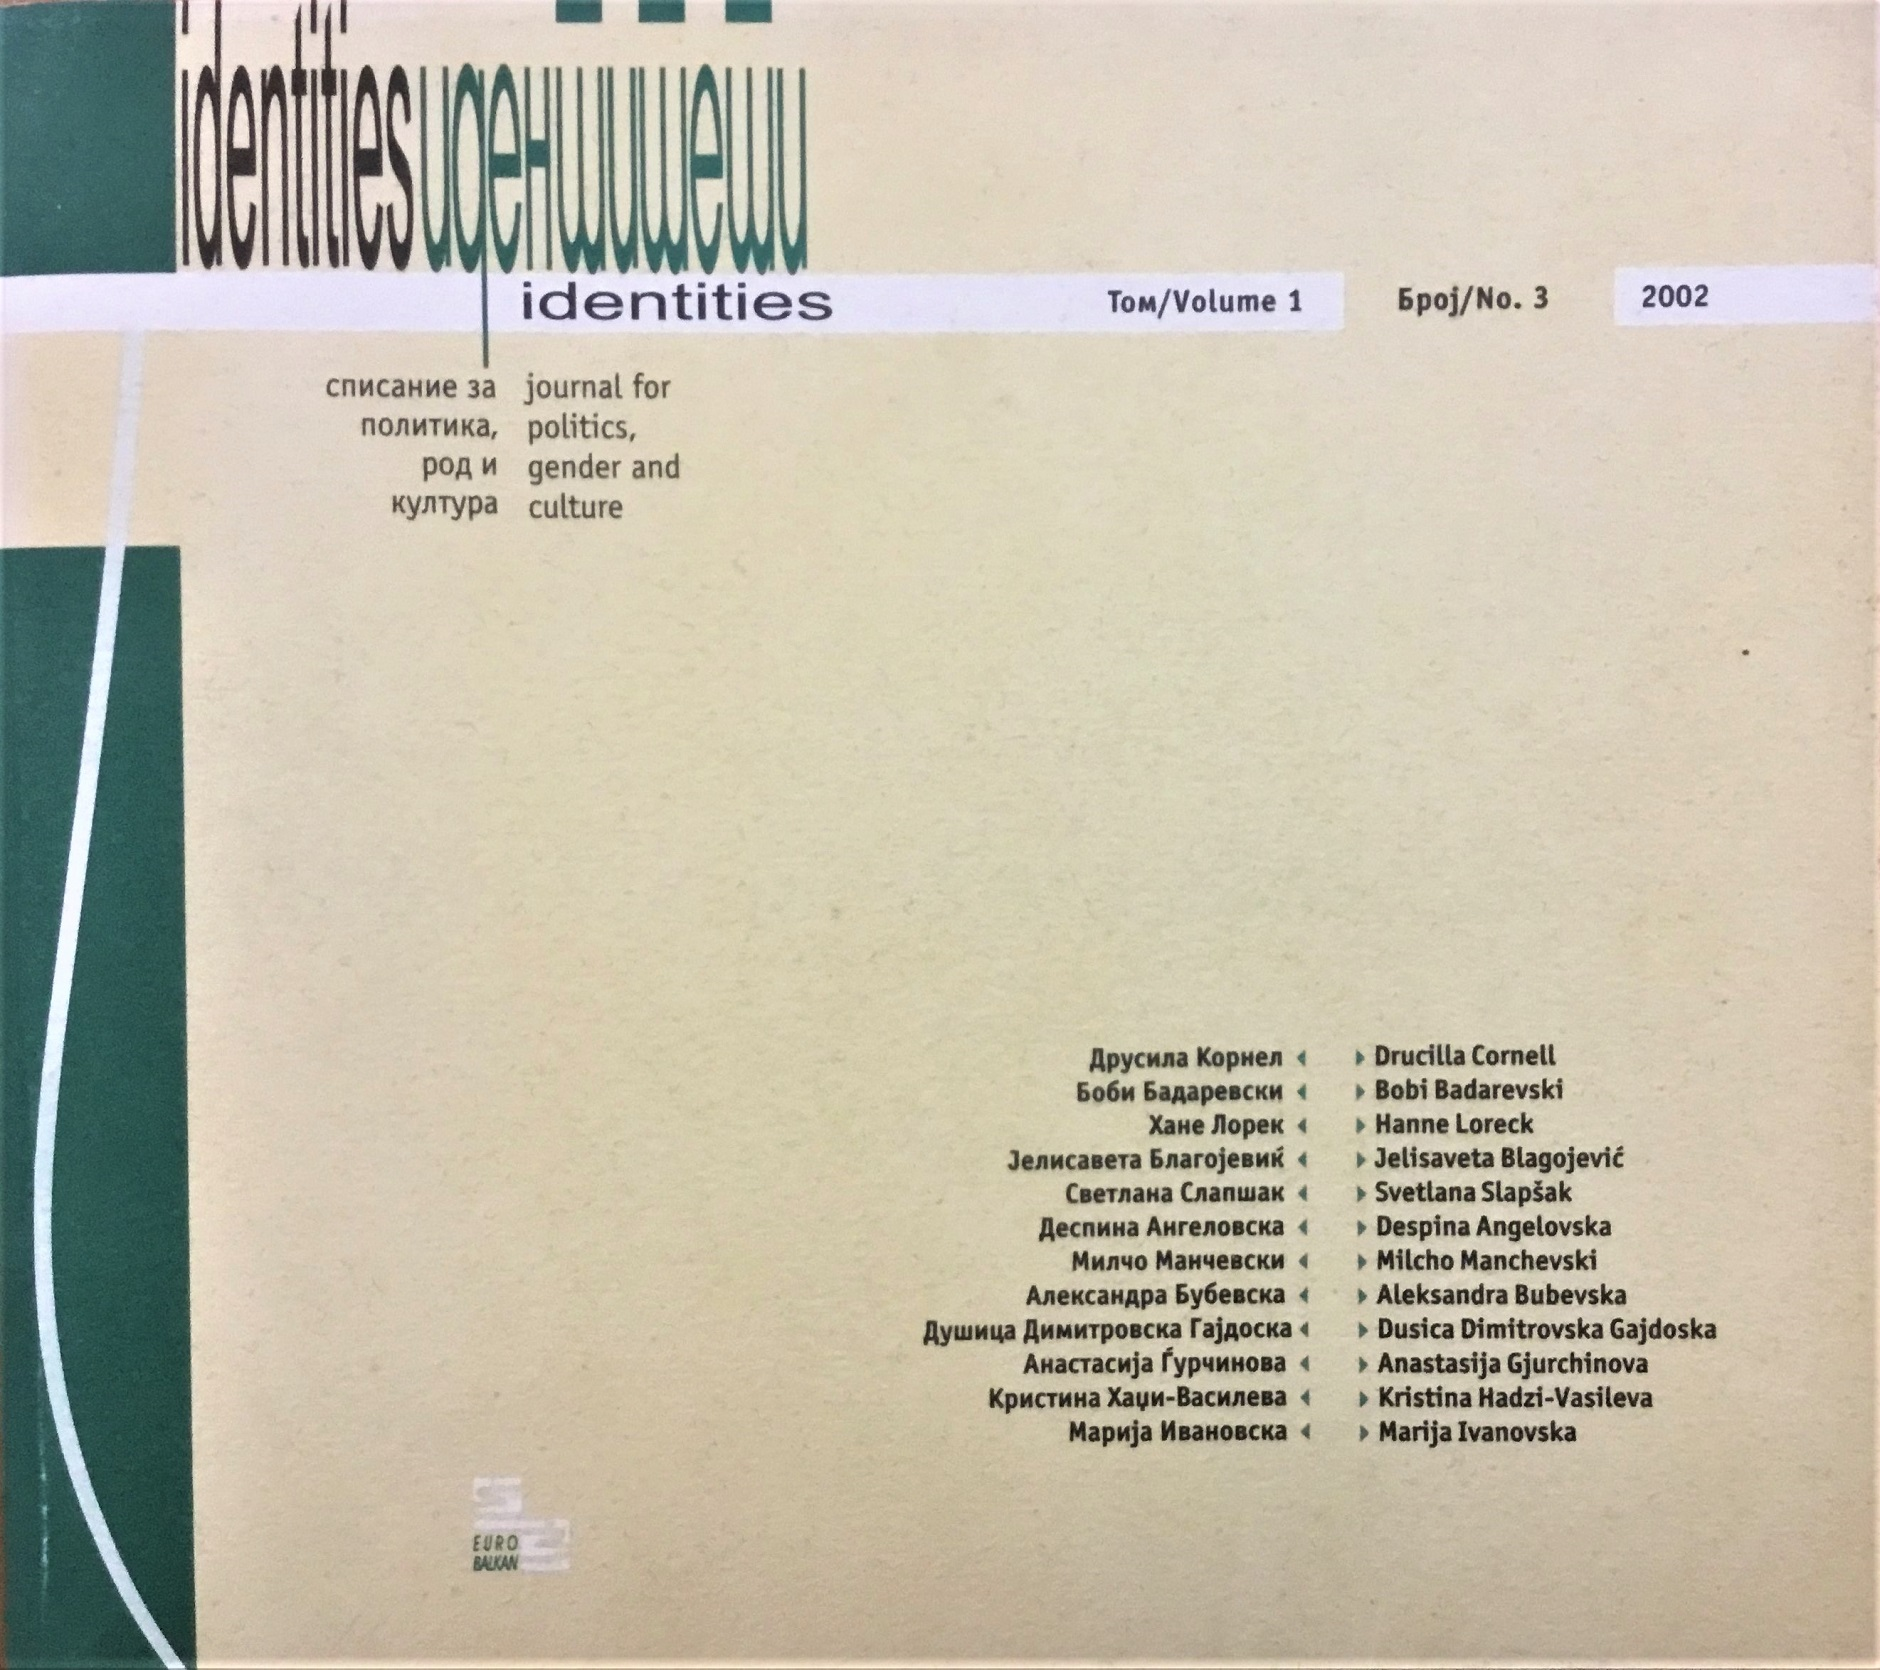 View Vol. 1 No. 3 (2002): Vol. 1, No. 3 (Summer 2002) - Issue No. 3